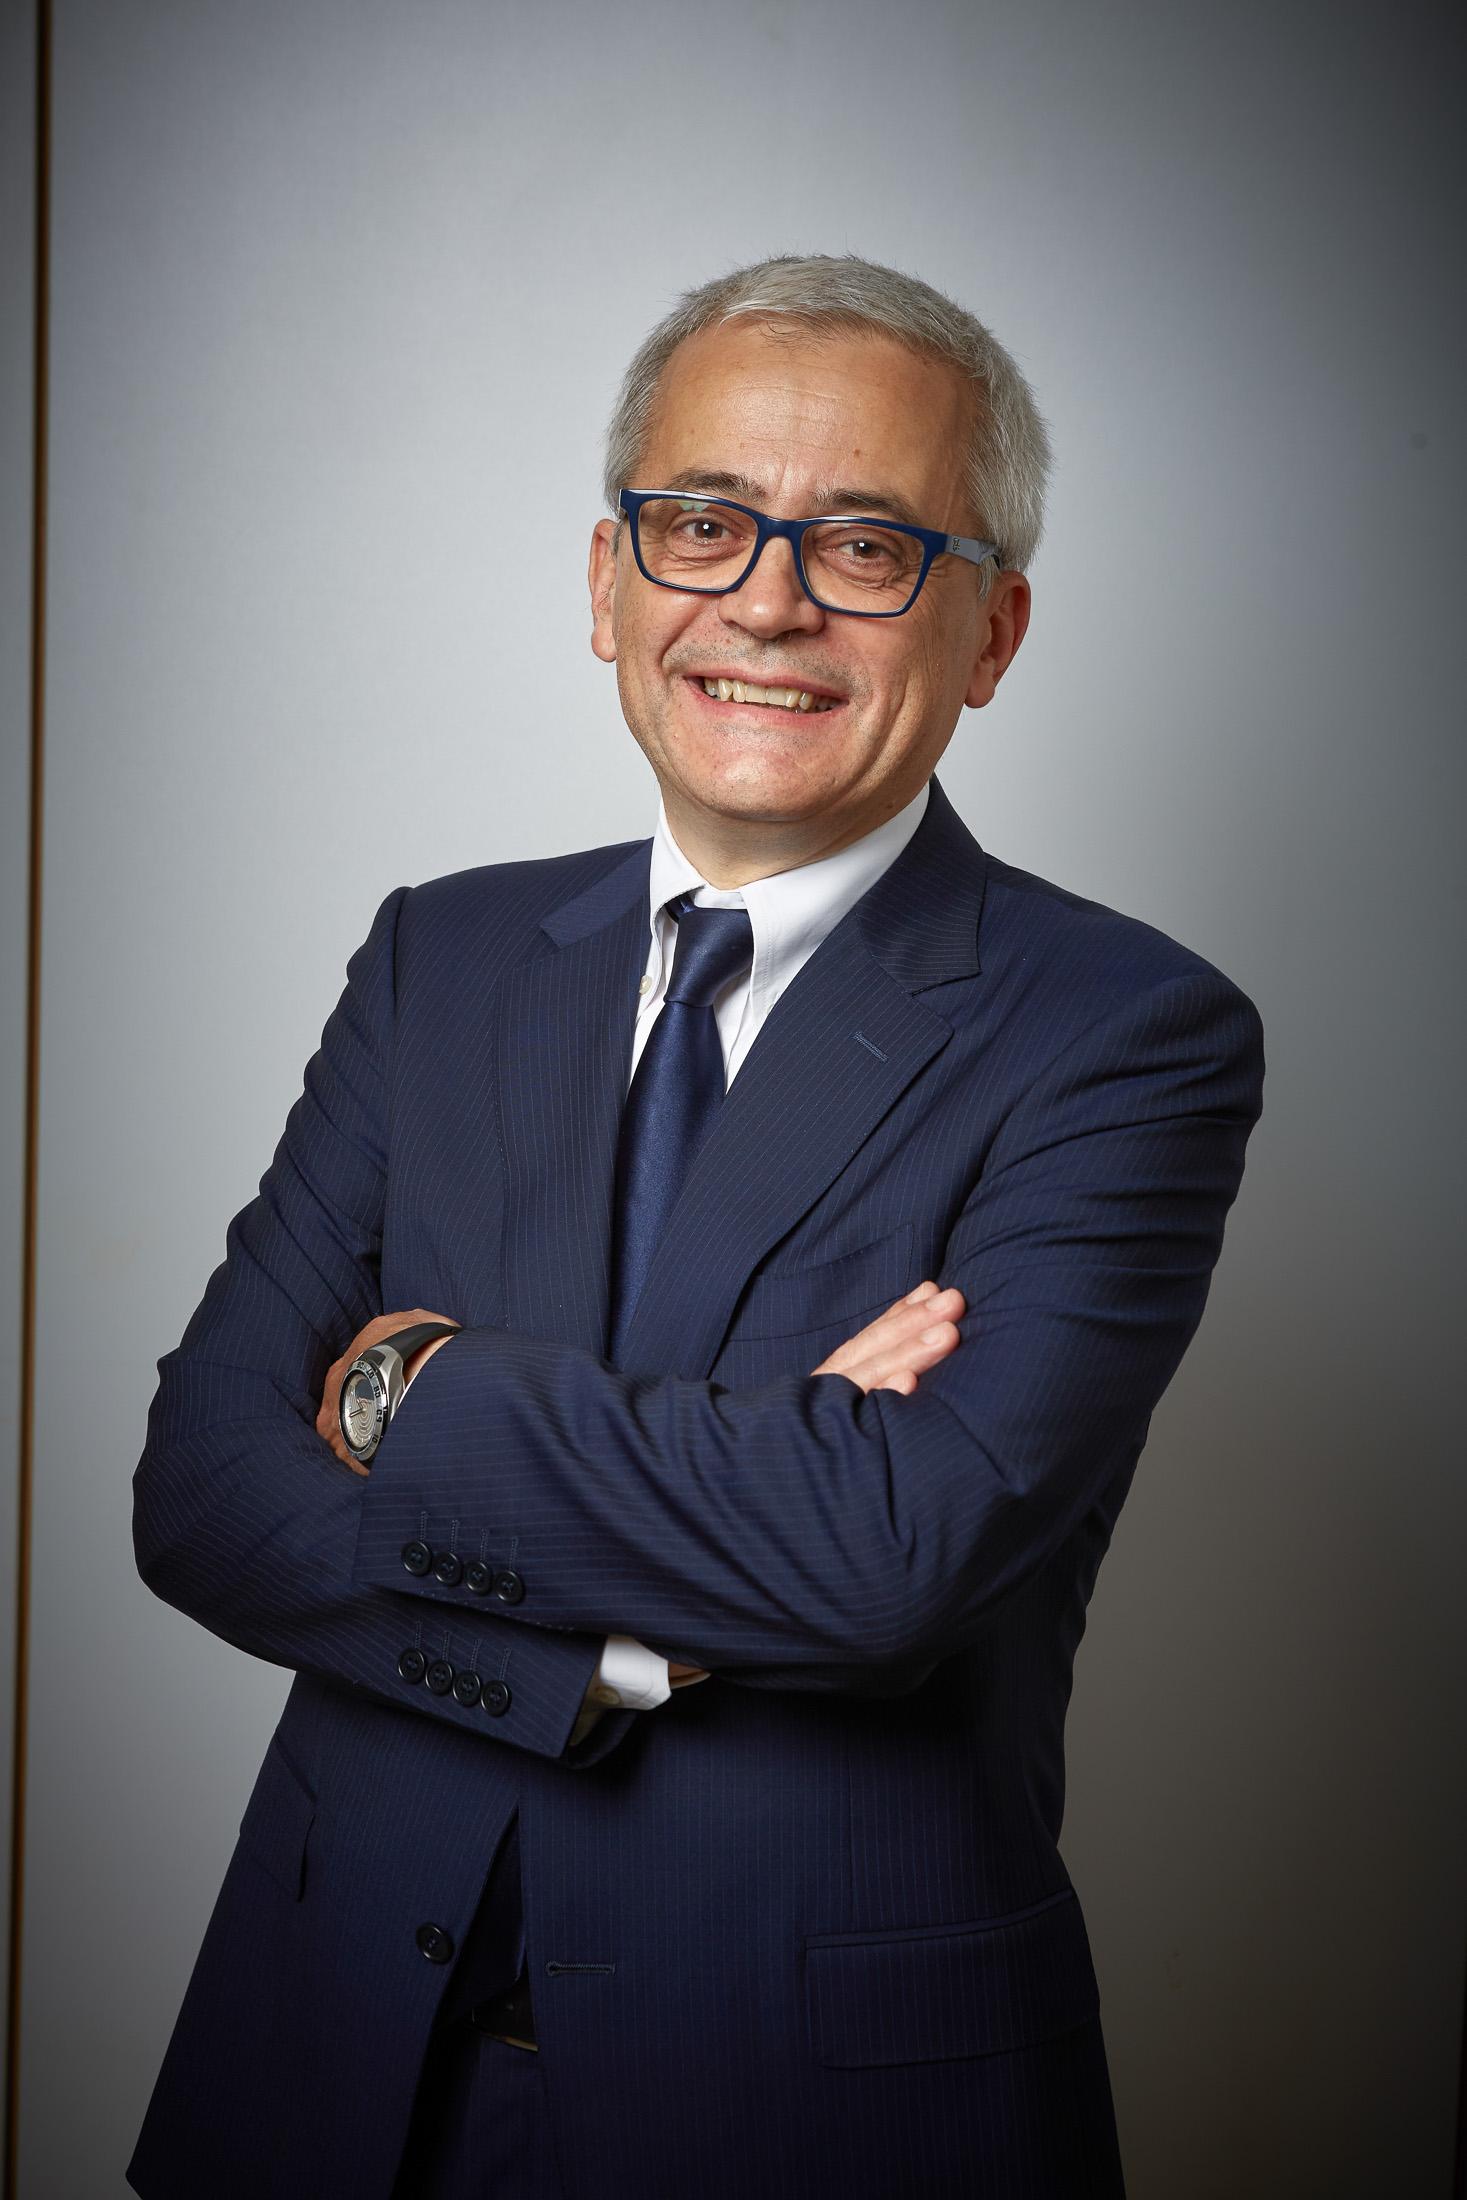 Alessandro Miolato